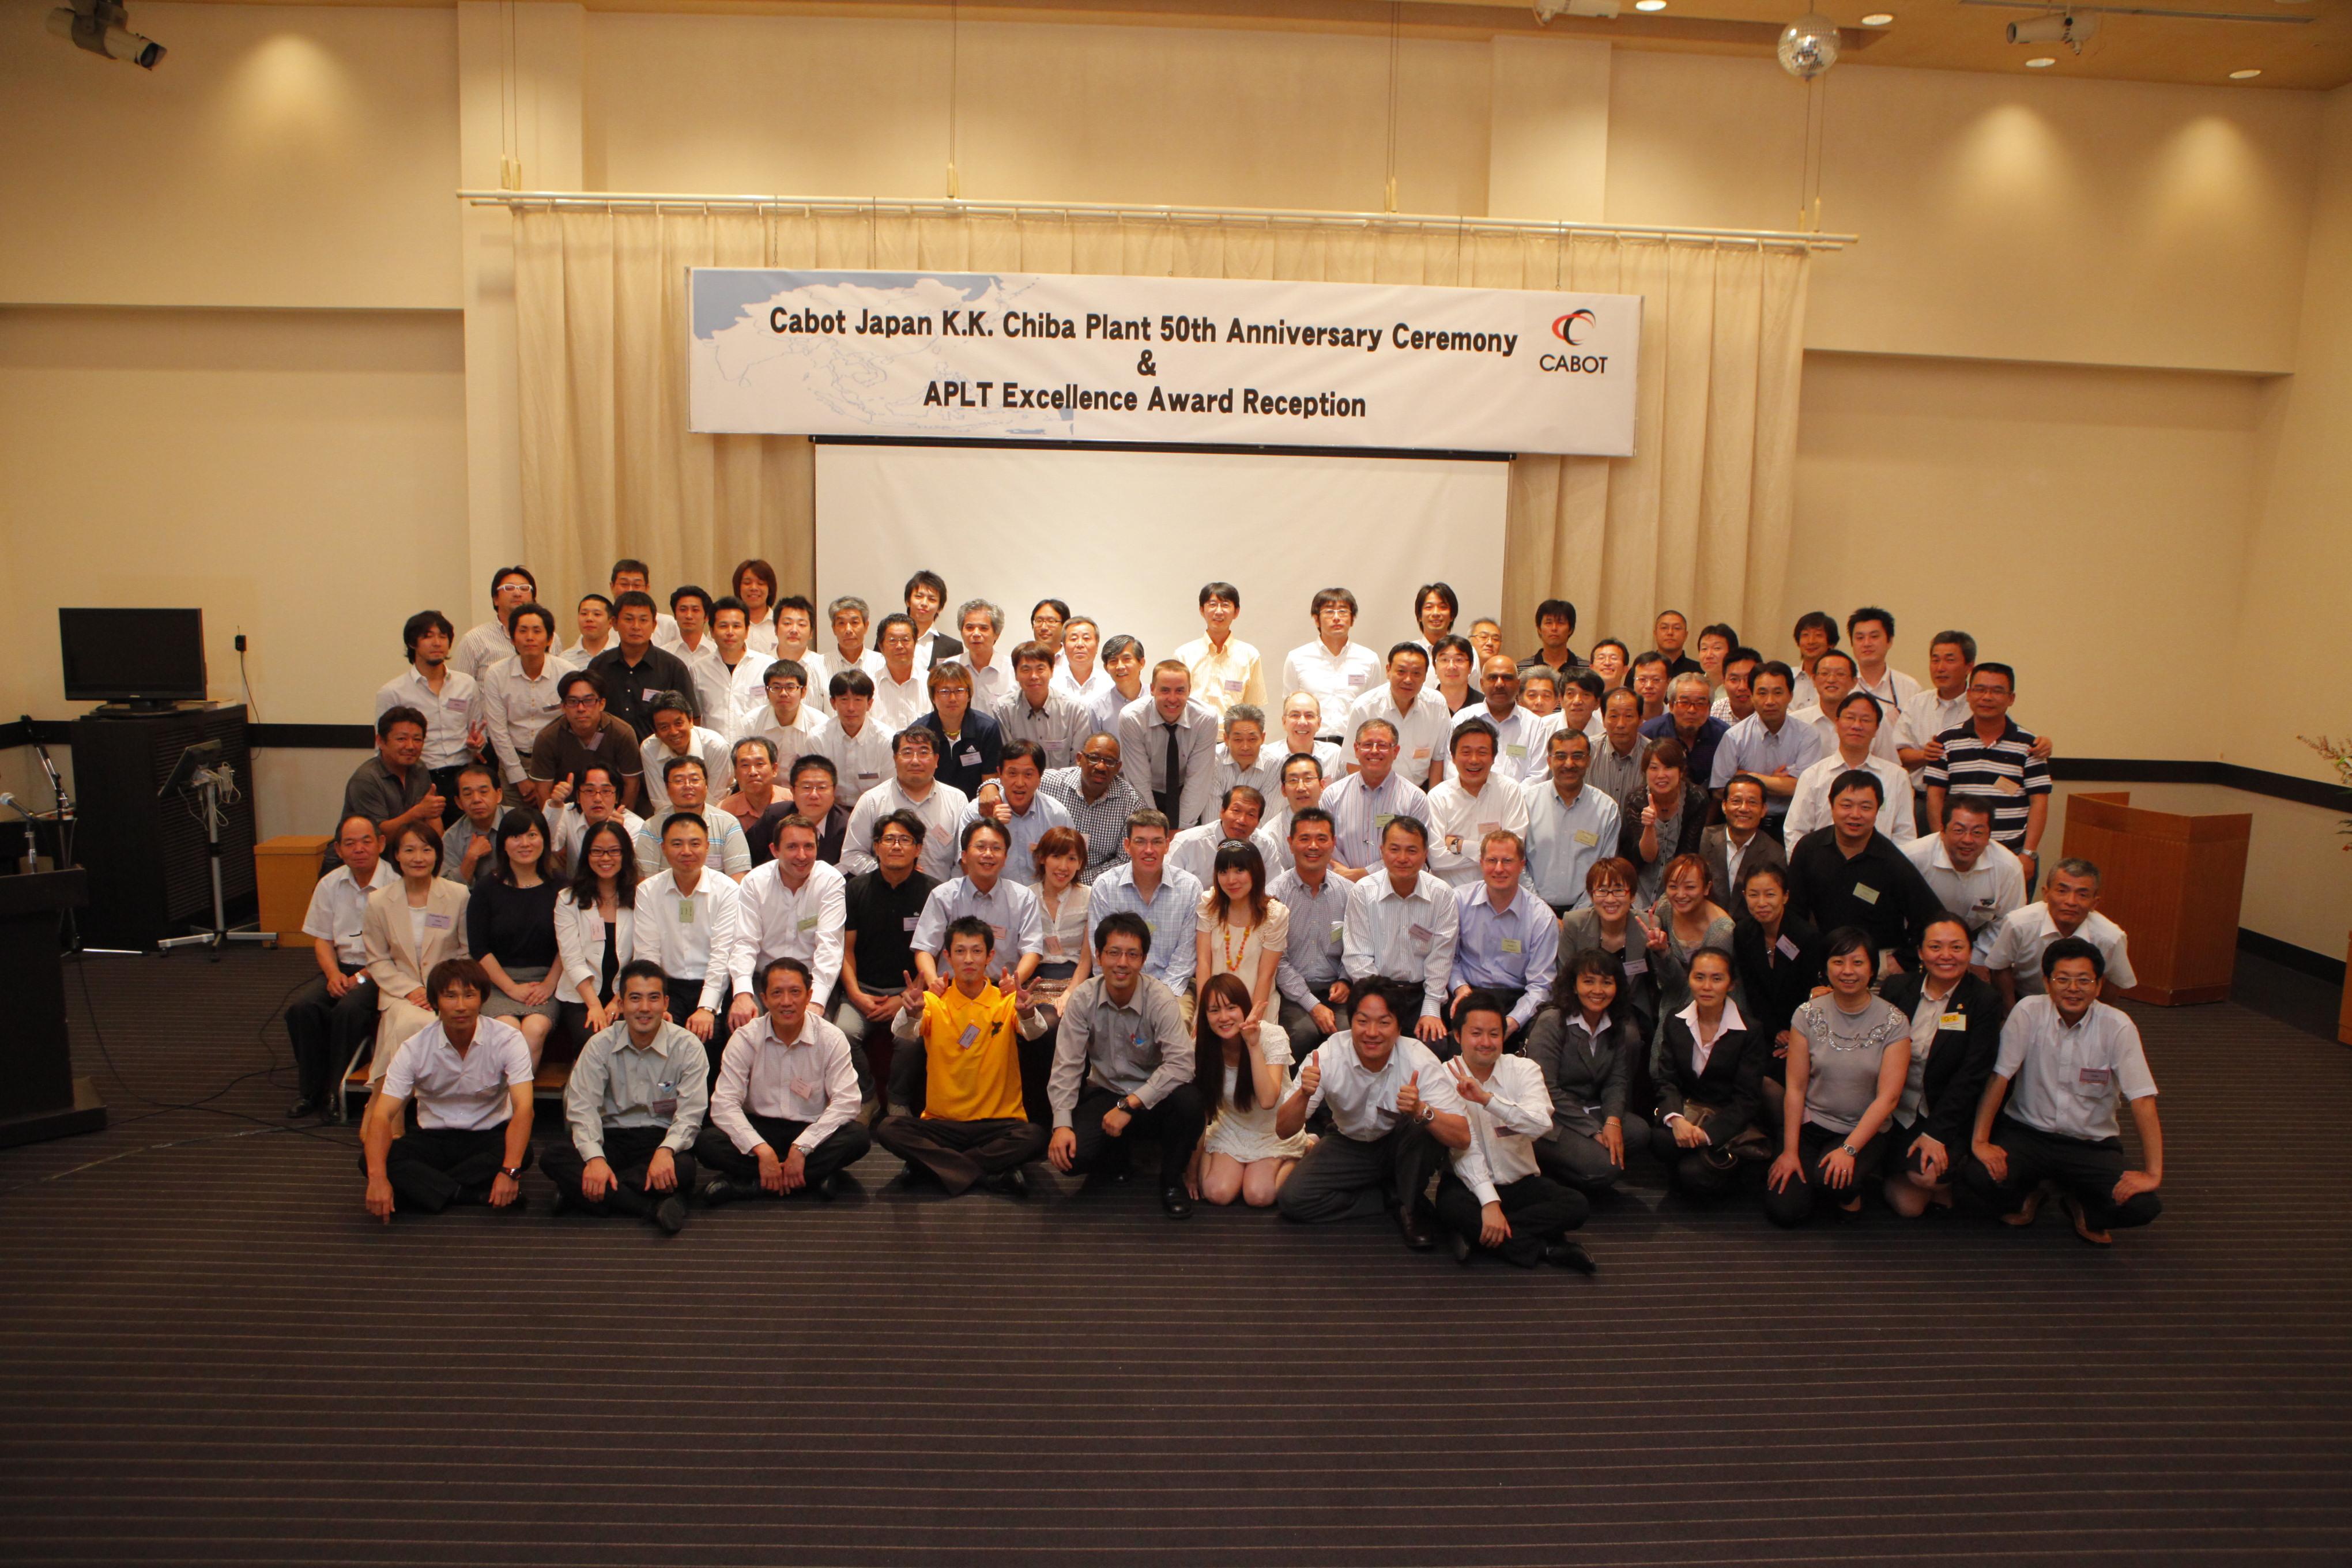 千葉工場50周年記念式典の参加者